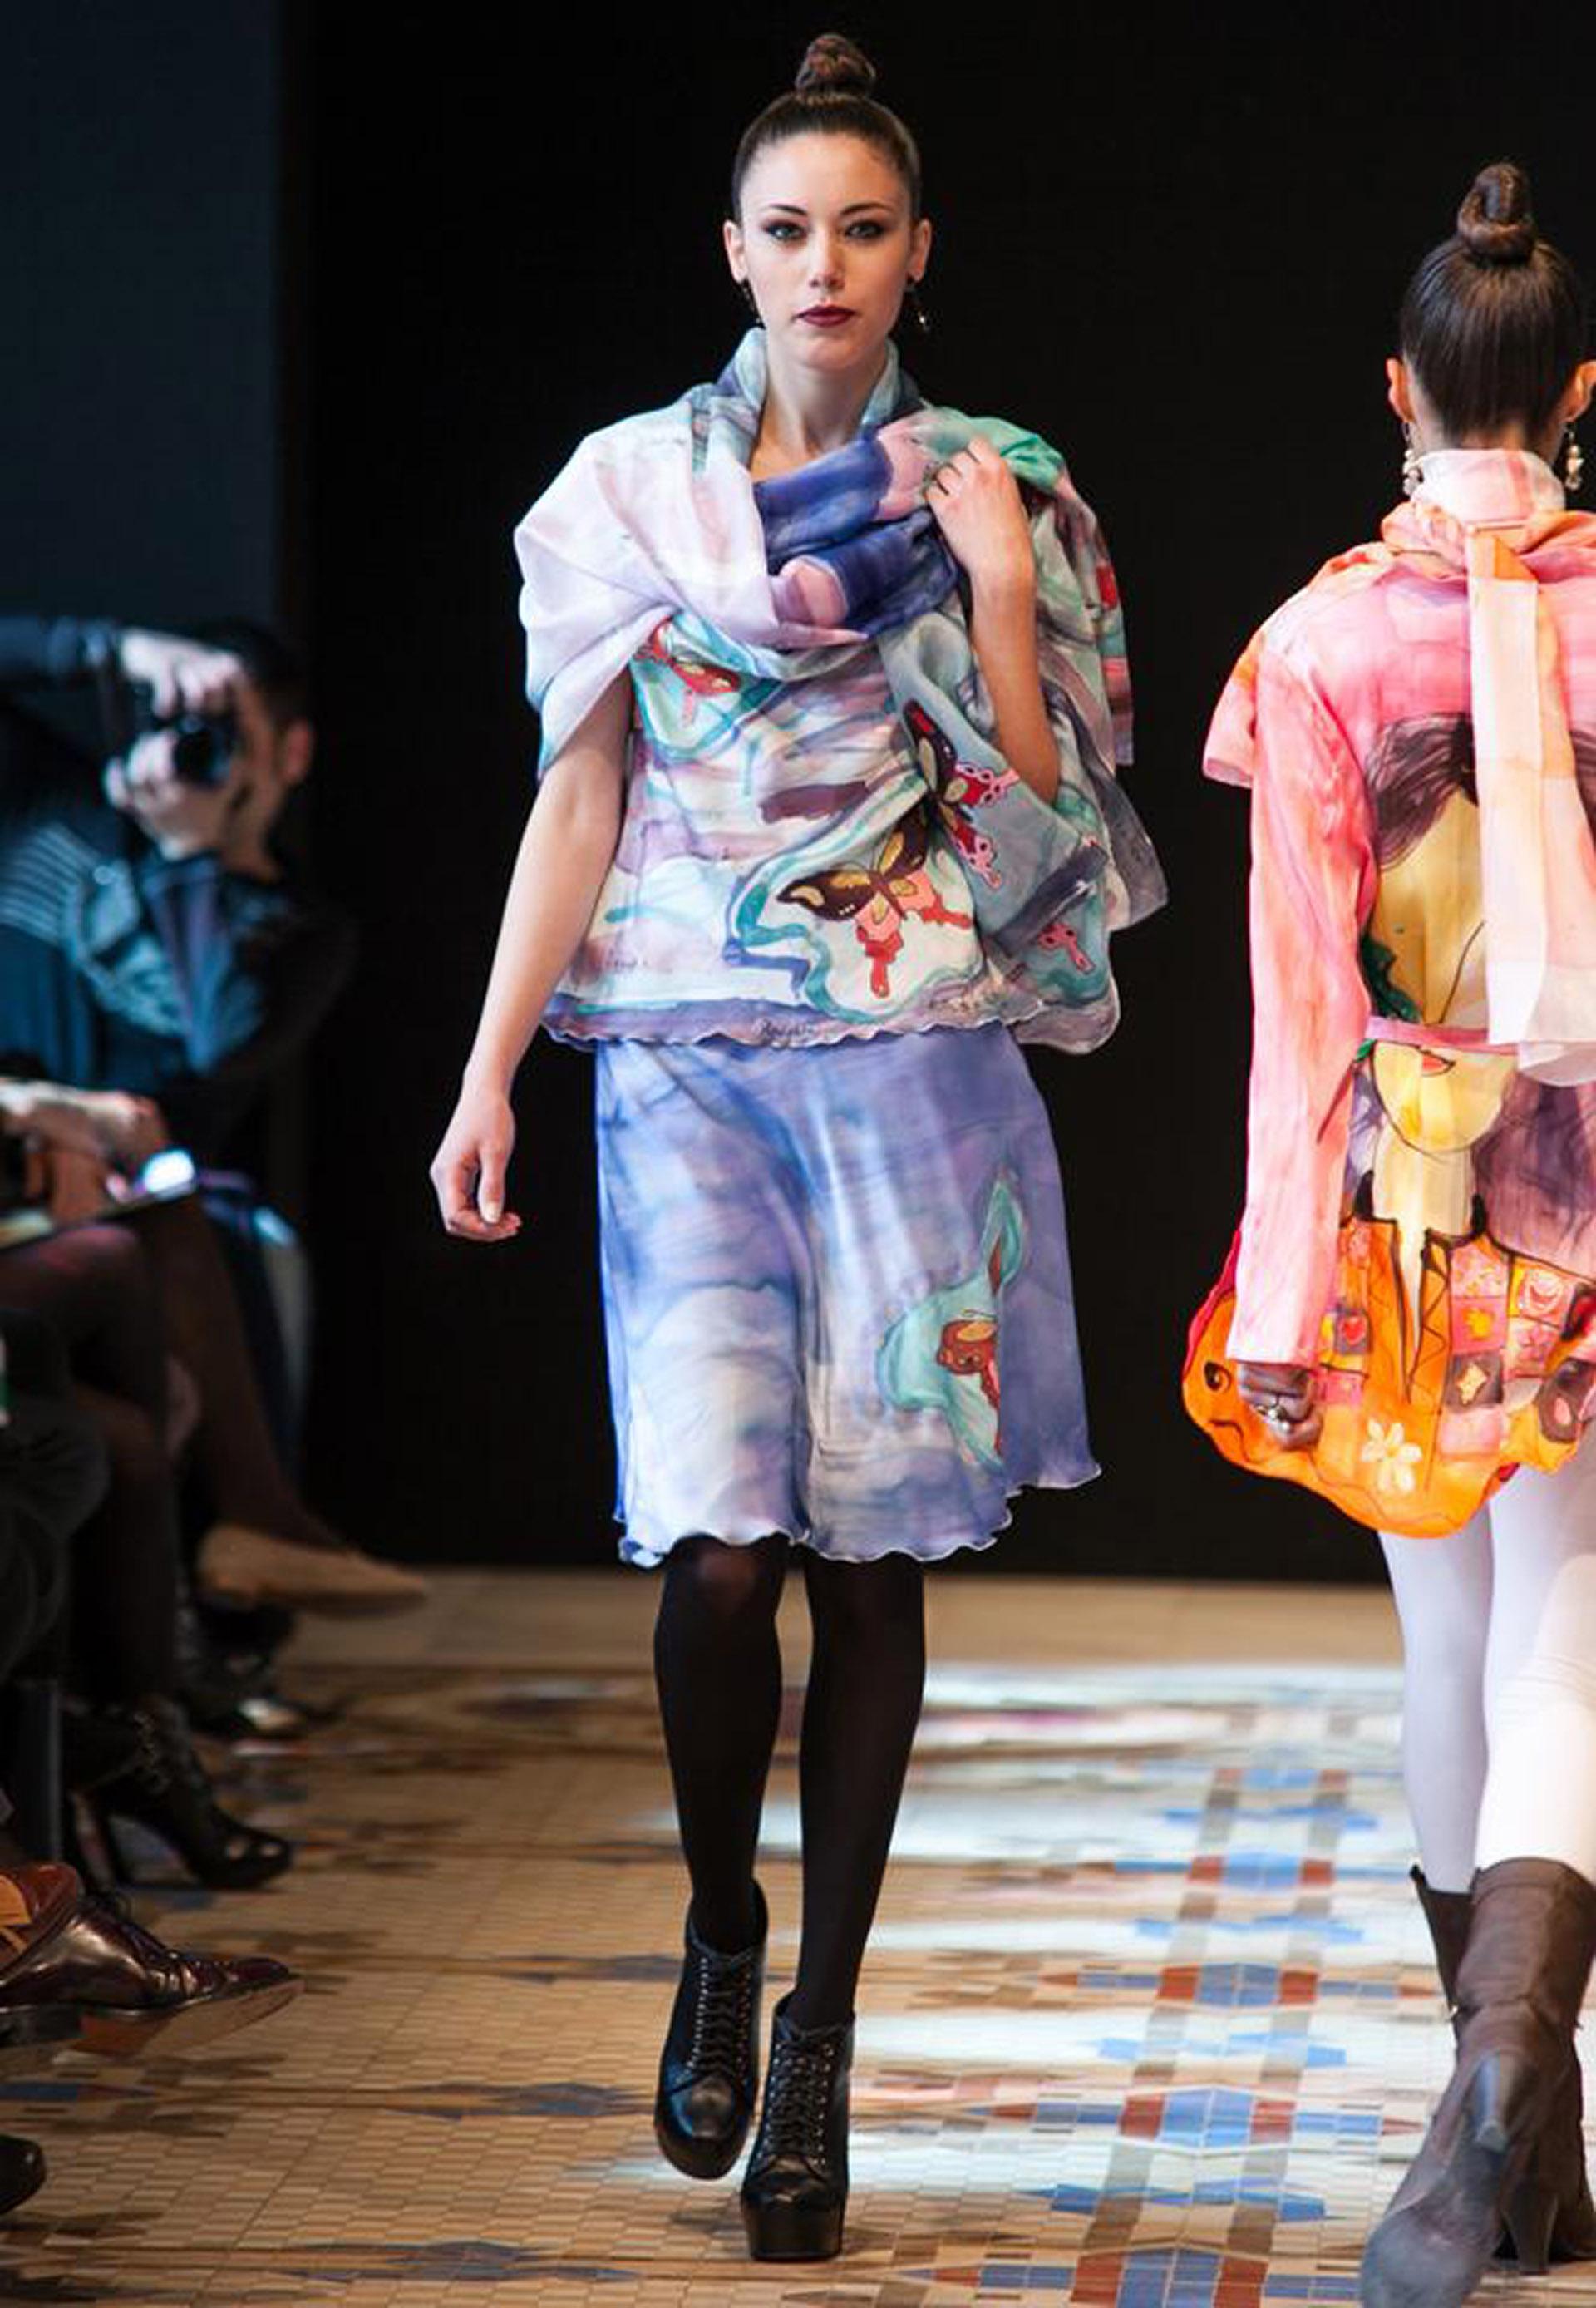 """Conjunto de blusa y falda evasé """"Mariposas"""" crepe satén presentado por Alexia en el desfile de la VFW.  Fotografía: Abad."""